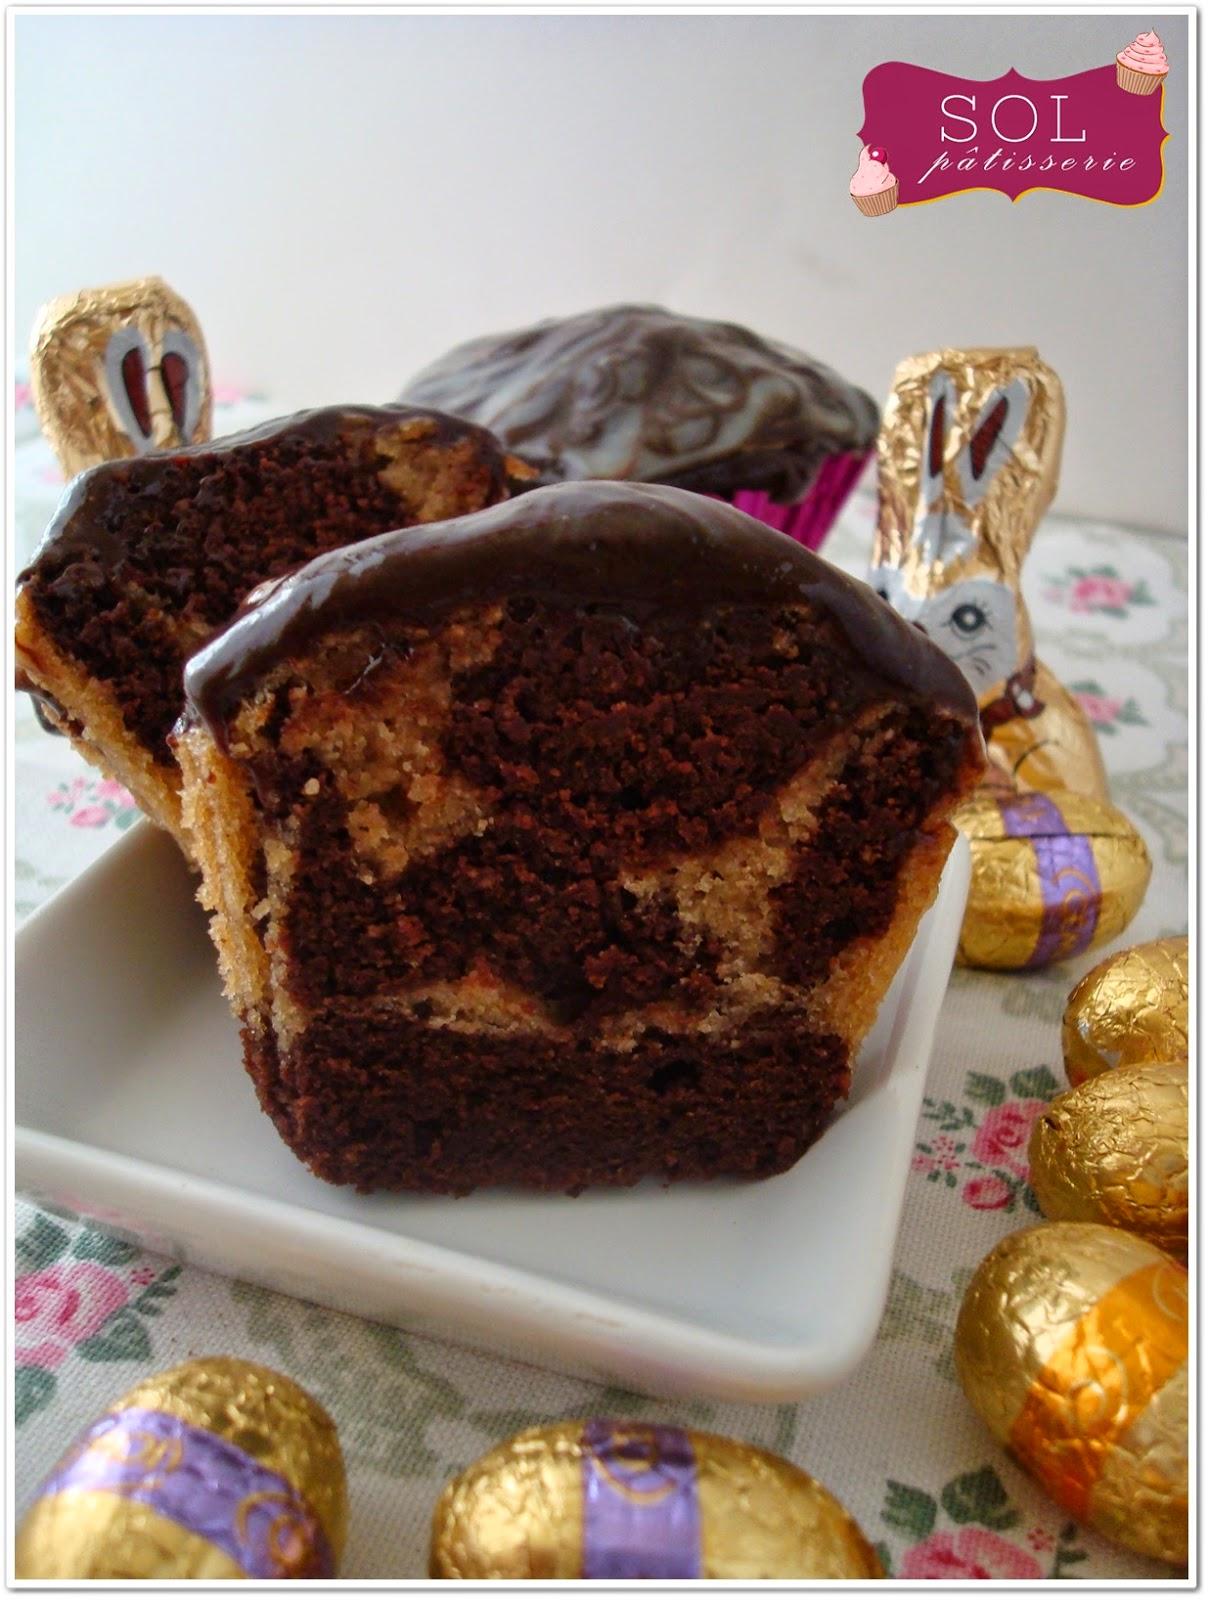 Cupcakes marbrés sans gluten - Cupcakes marmoreados sem gluten